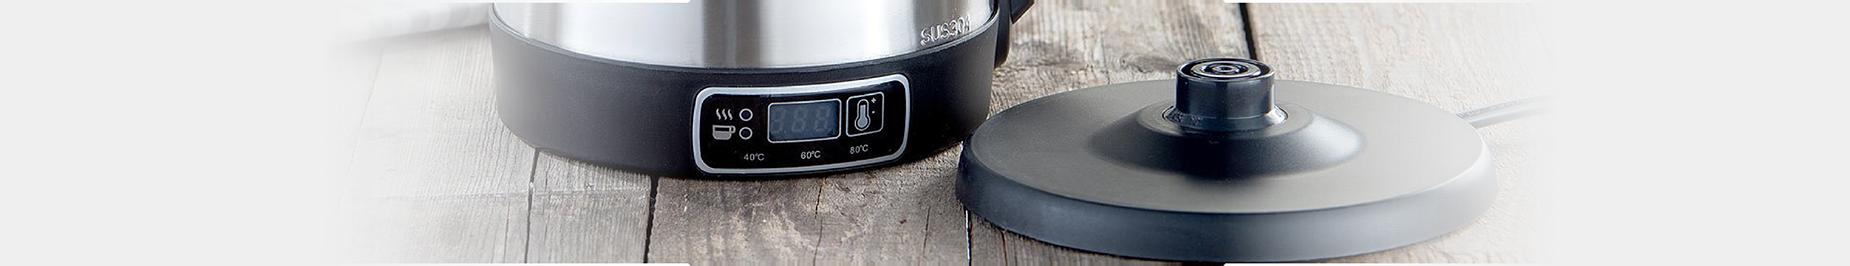 Wasserkocher mit Temperaturanzeige Test Übersicht und Vergleich